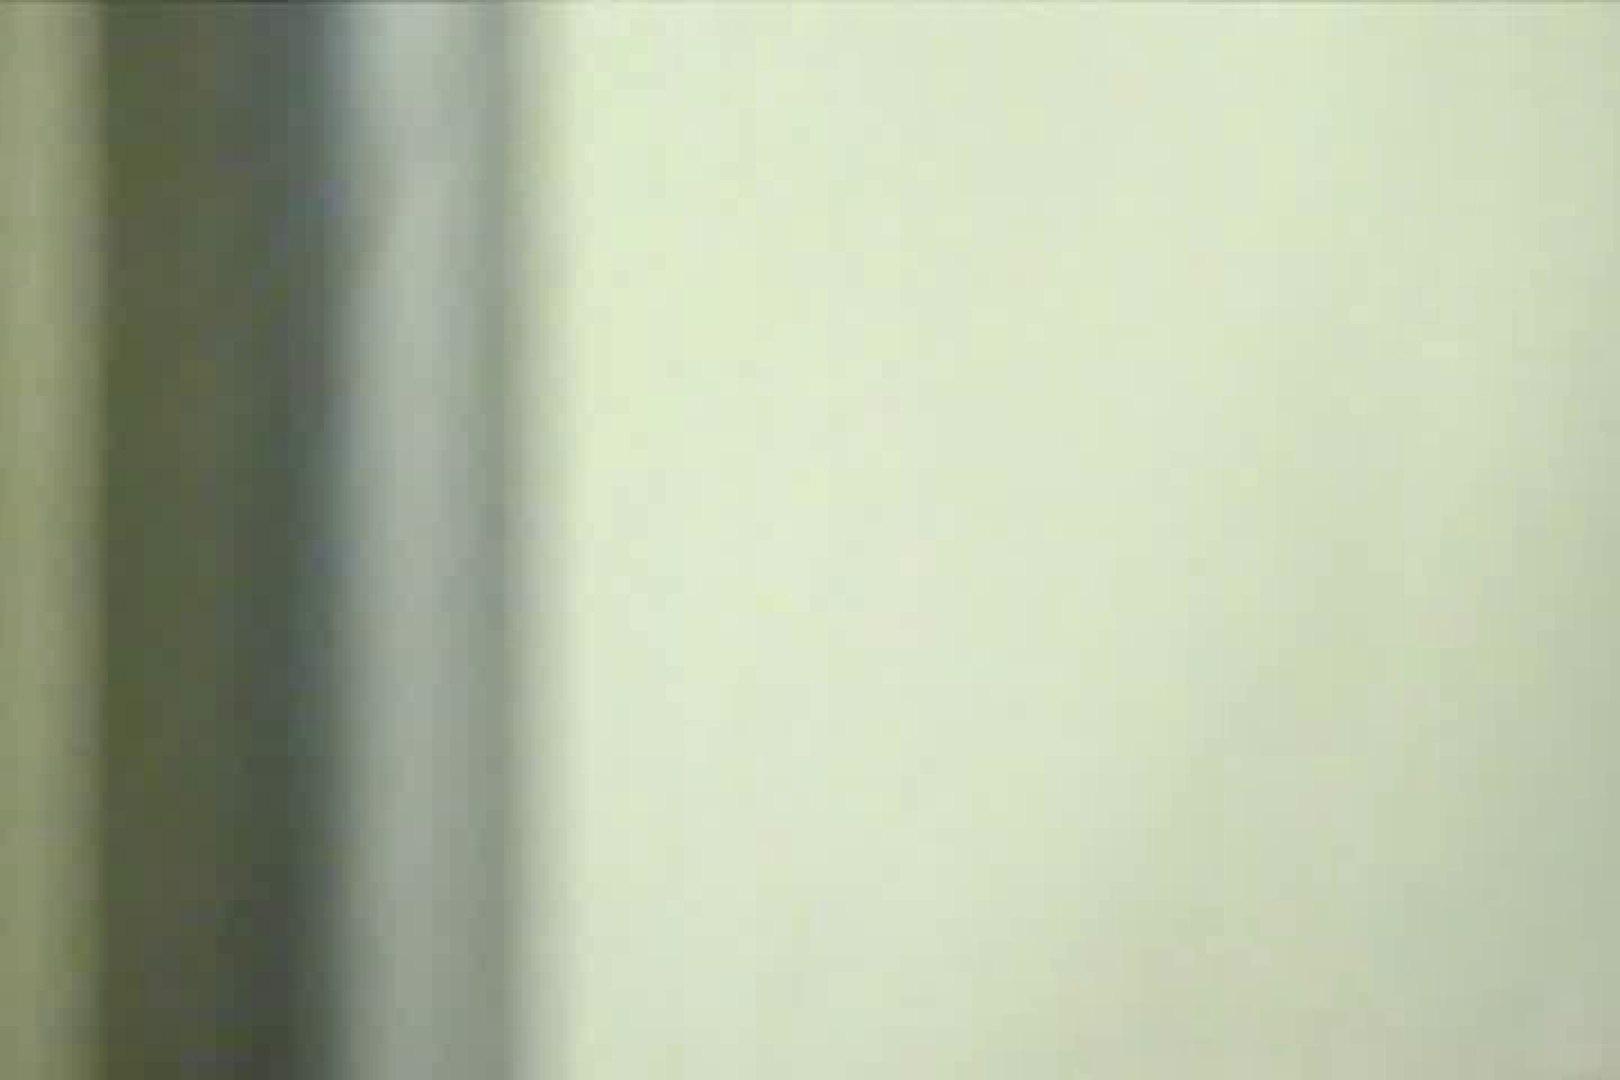 マンコ丸見え女子洗面所Vol.23 無修正マンコ おまんこ動画流出 65PIX 52